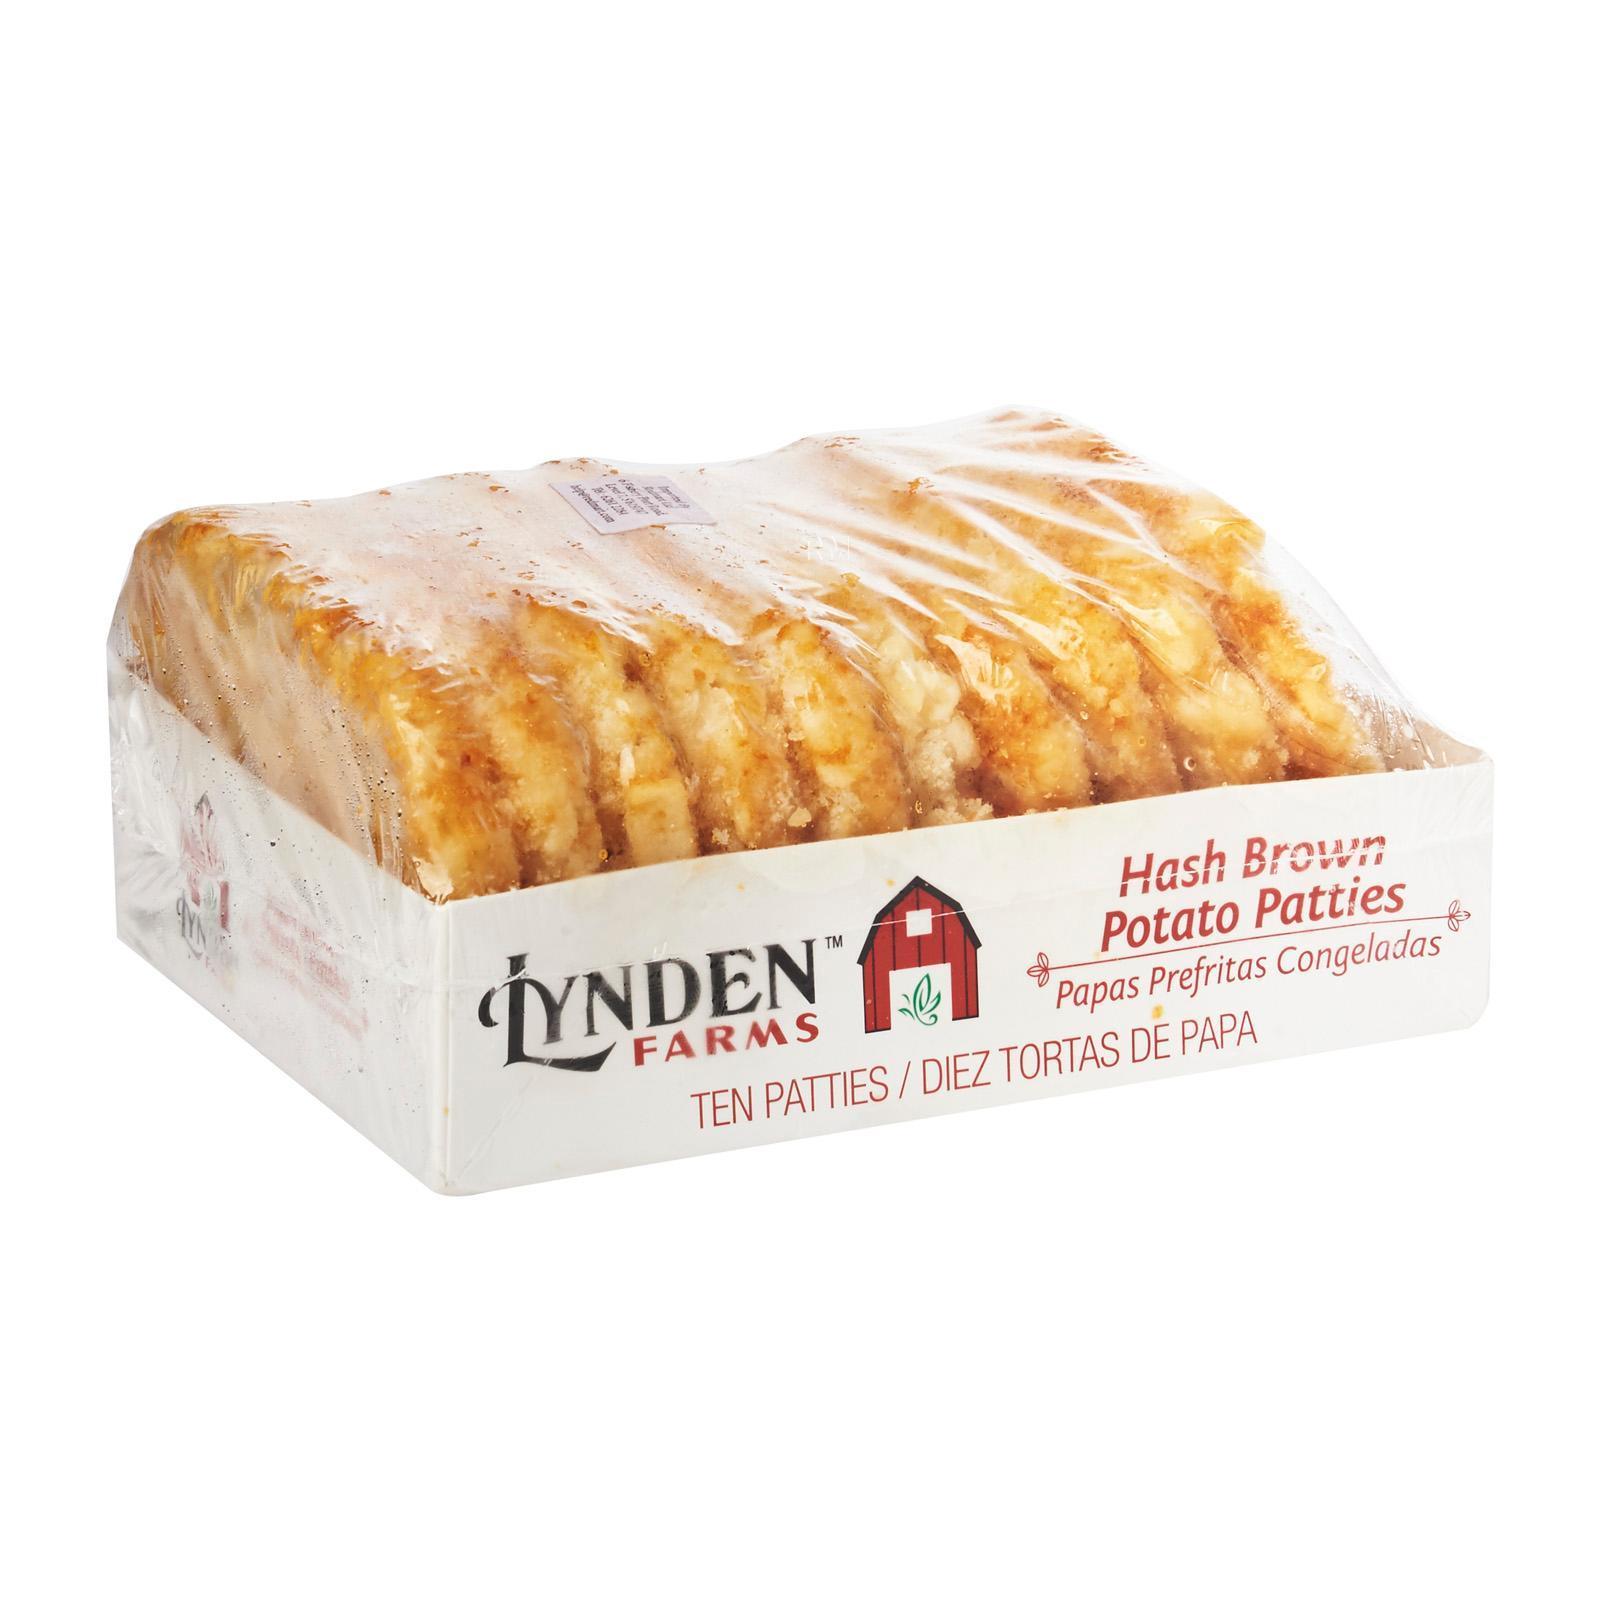 Lynden Farms Hash Brown Potato Patties - Frozen